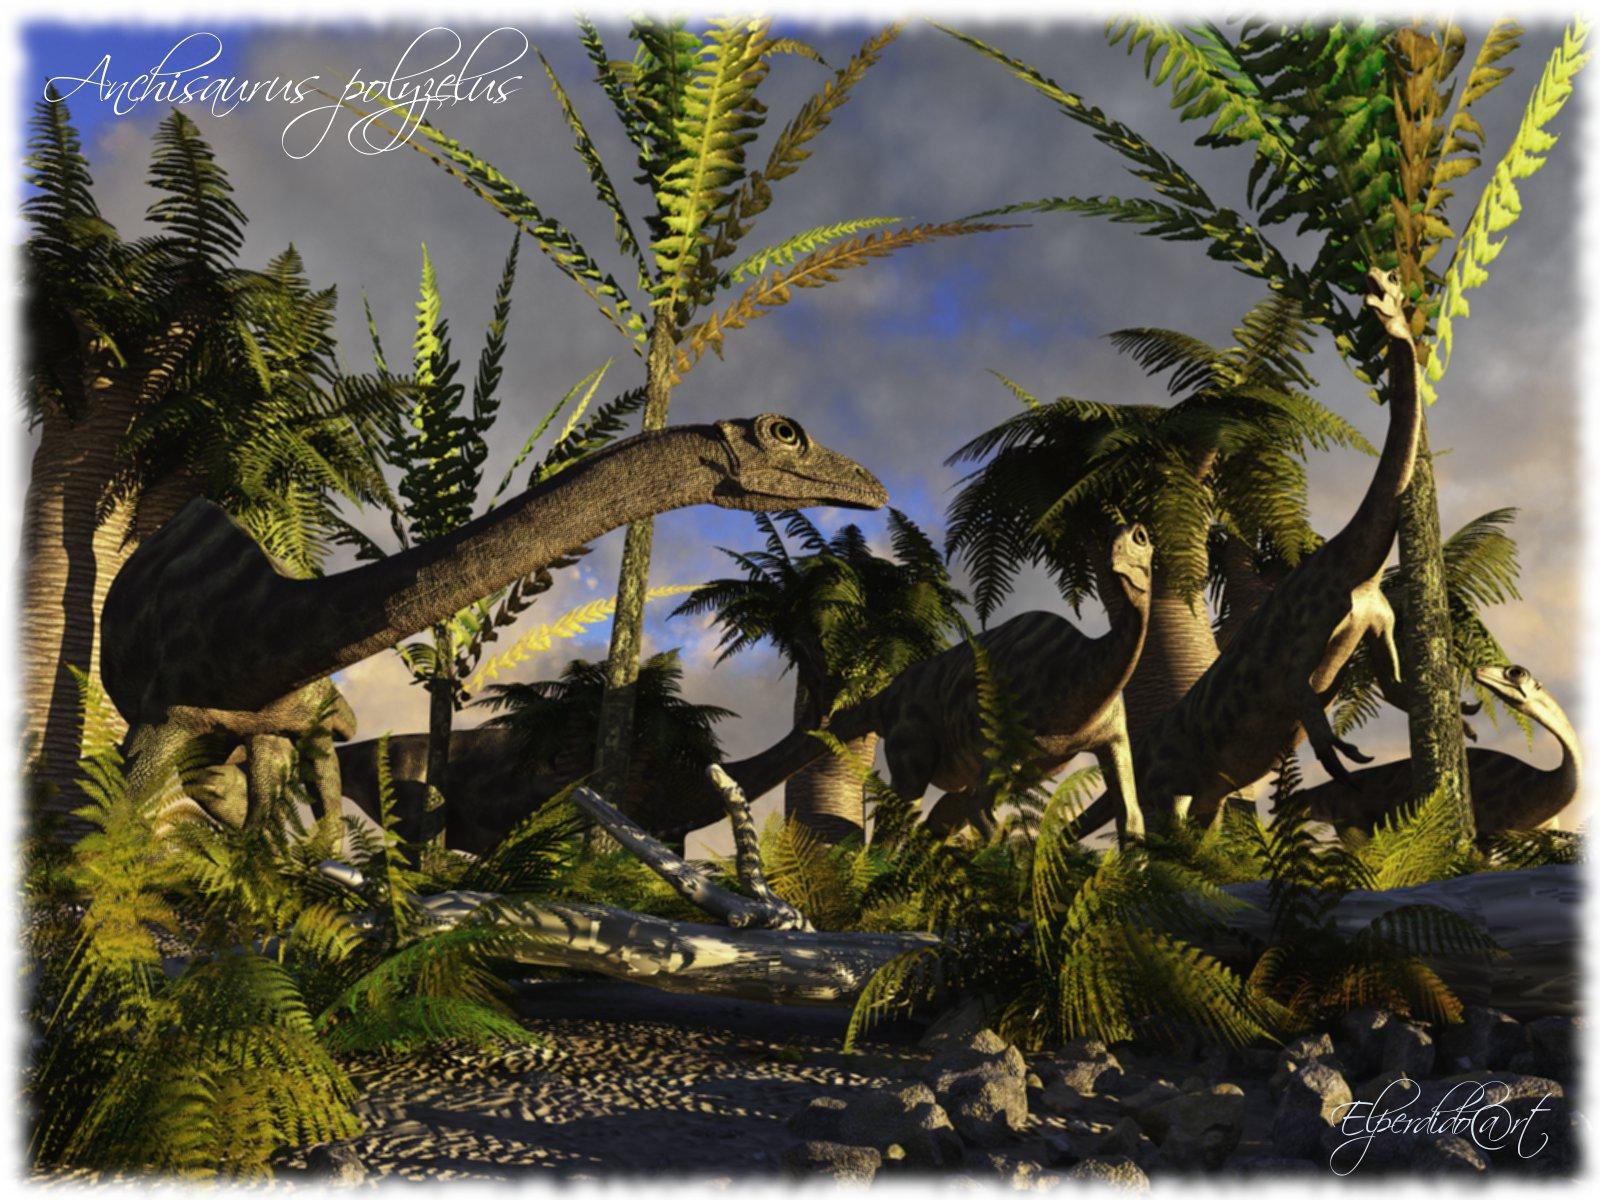 Anchisaurus polyzelus by Elperdido1965